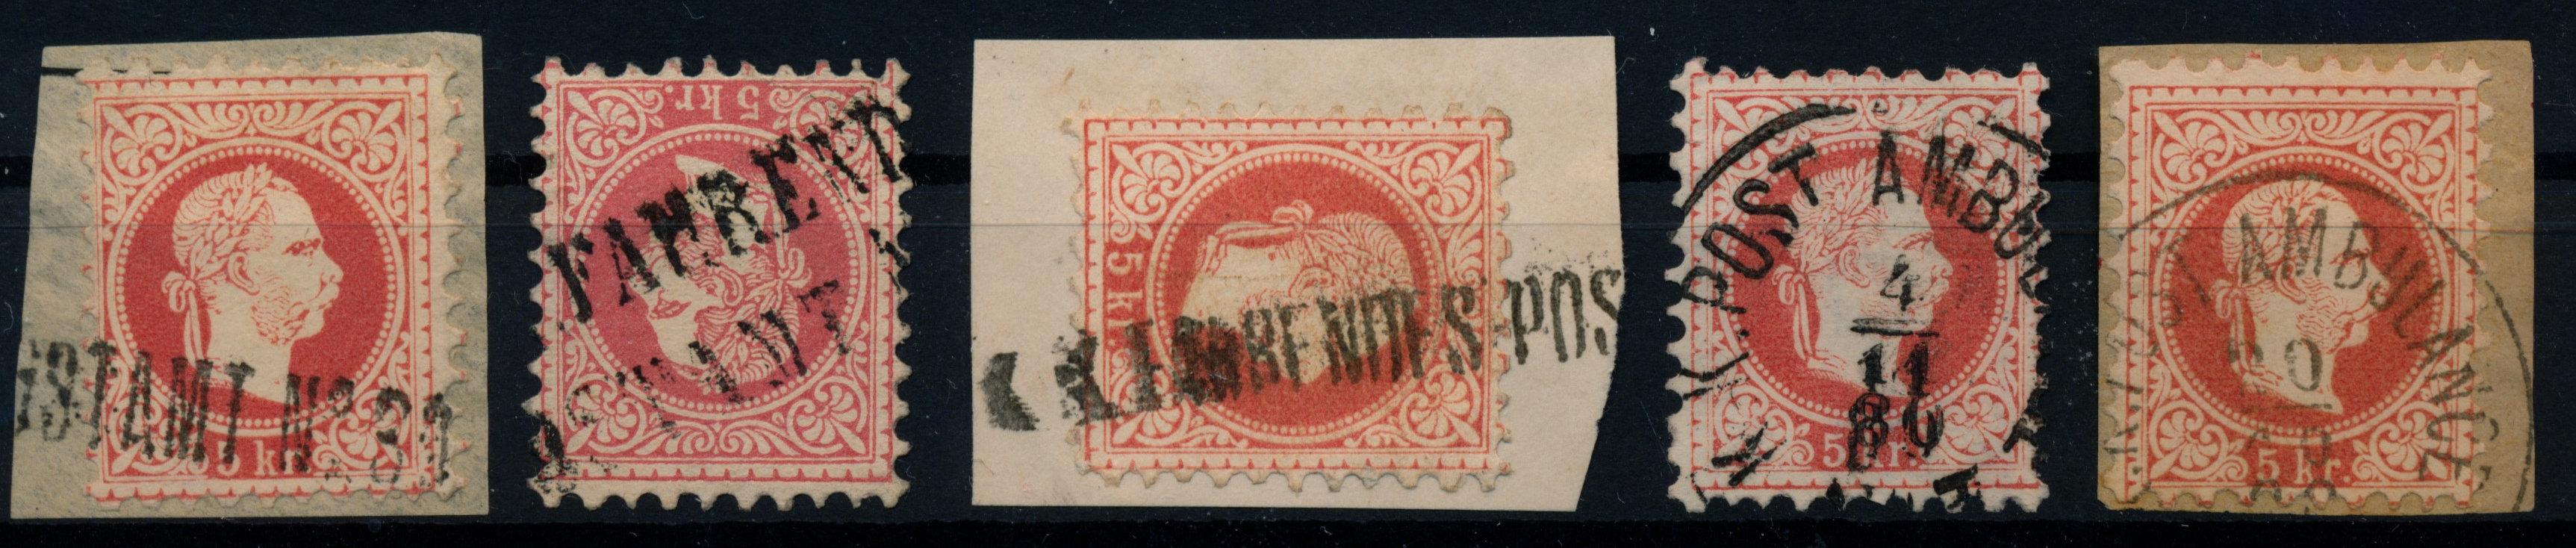 Österreich 1867 5Stk. Marken! K.K.FAHRENDES POSTAMT und K.K.POST AMBULANCE - Eberau, Österreich - Money back. - Eberau, Österreich